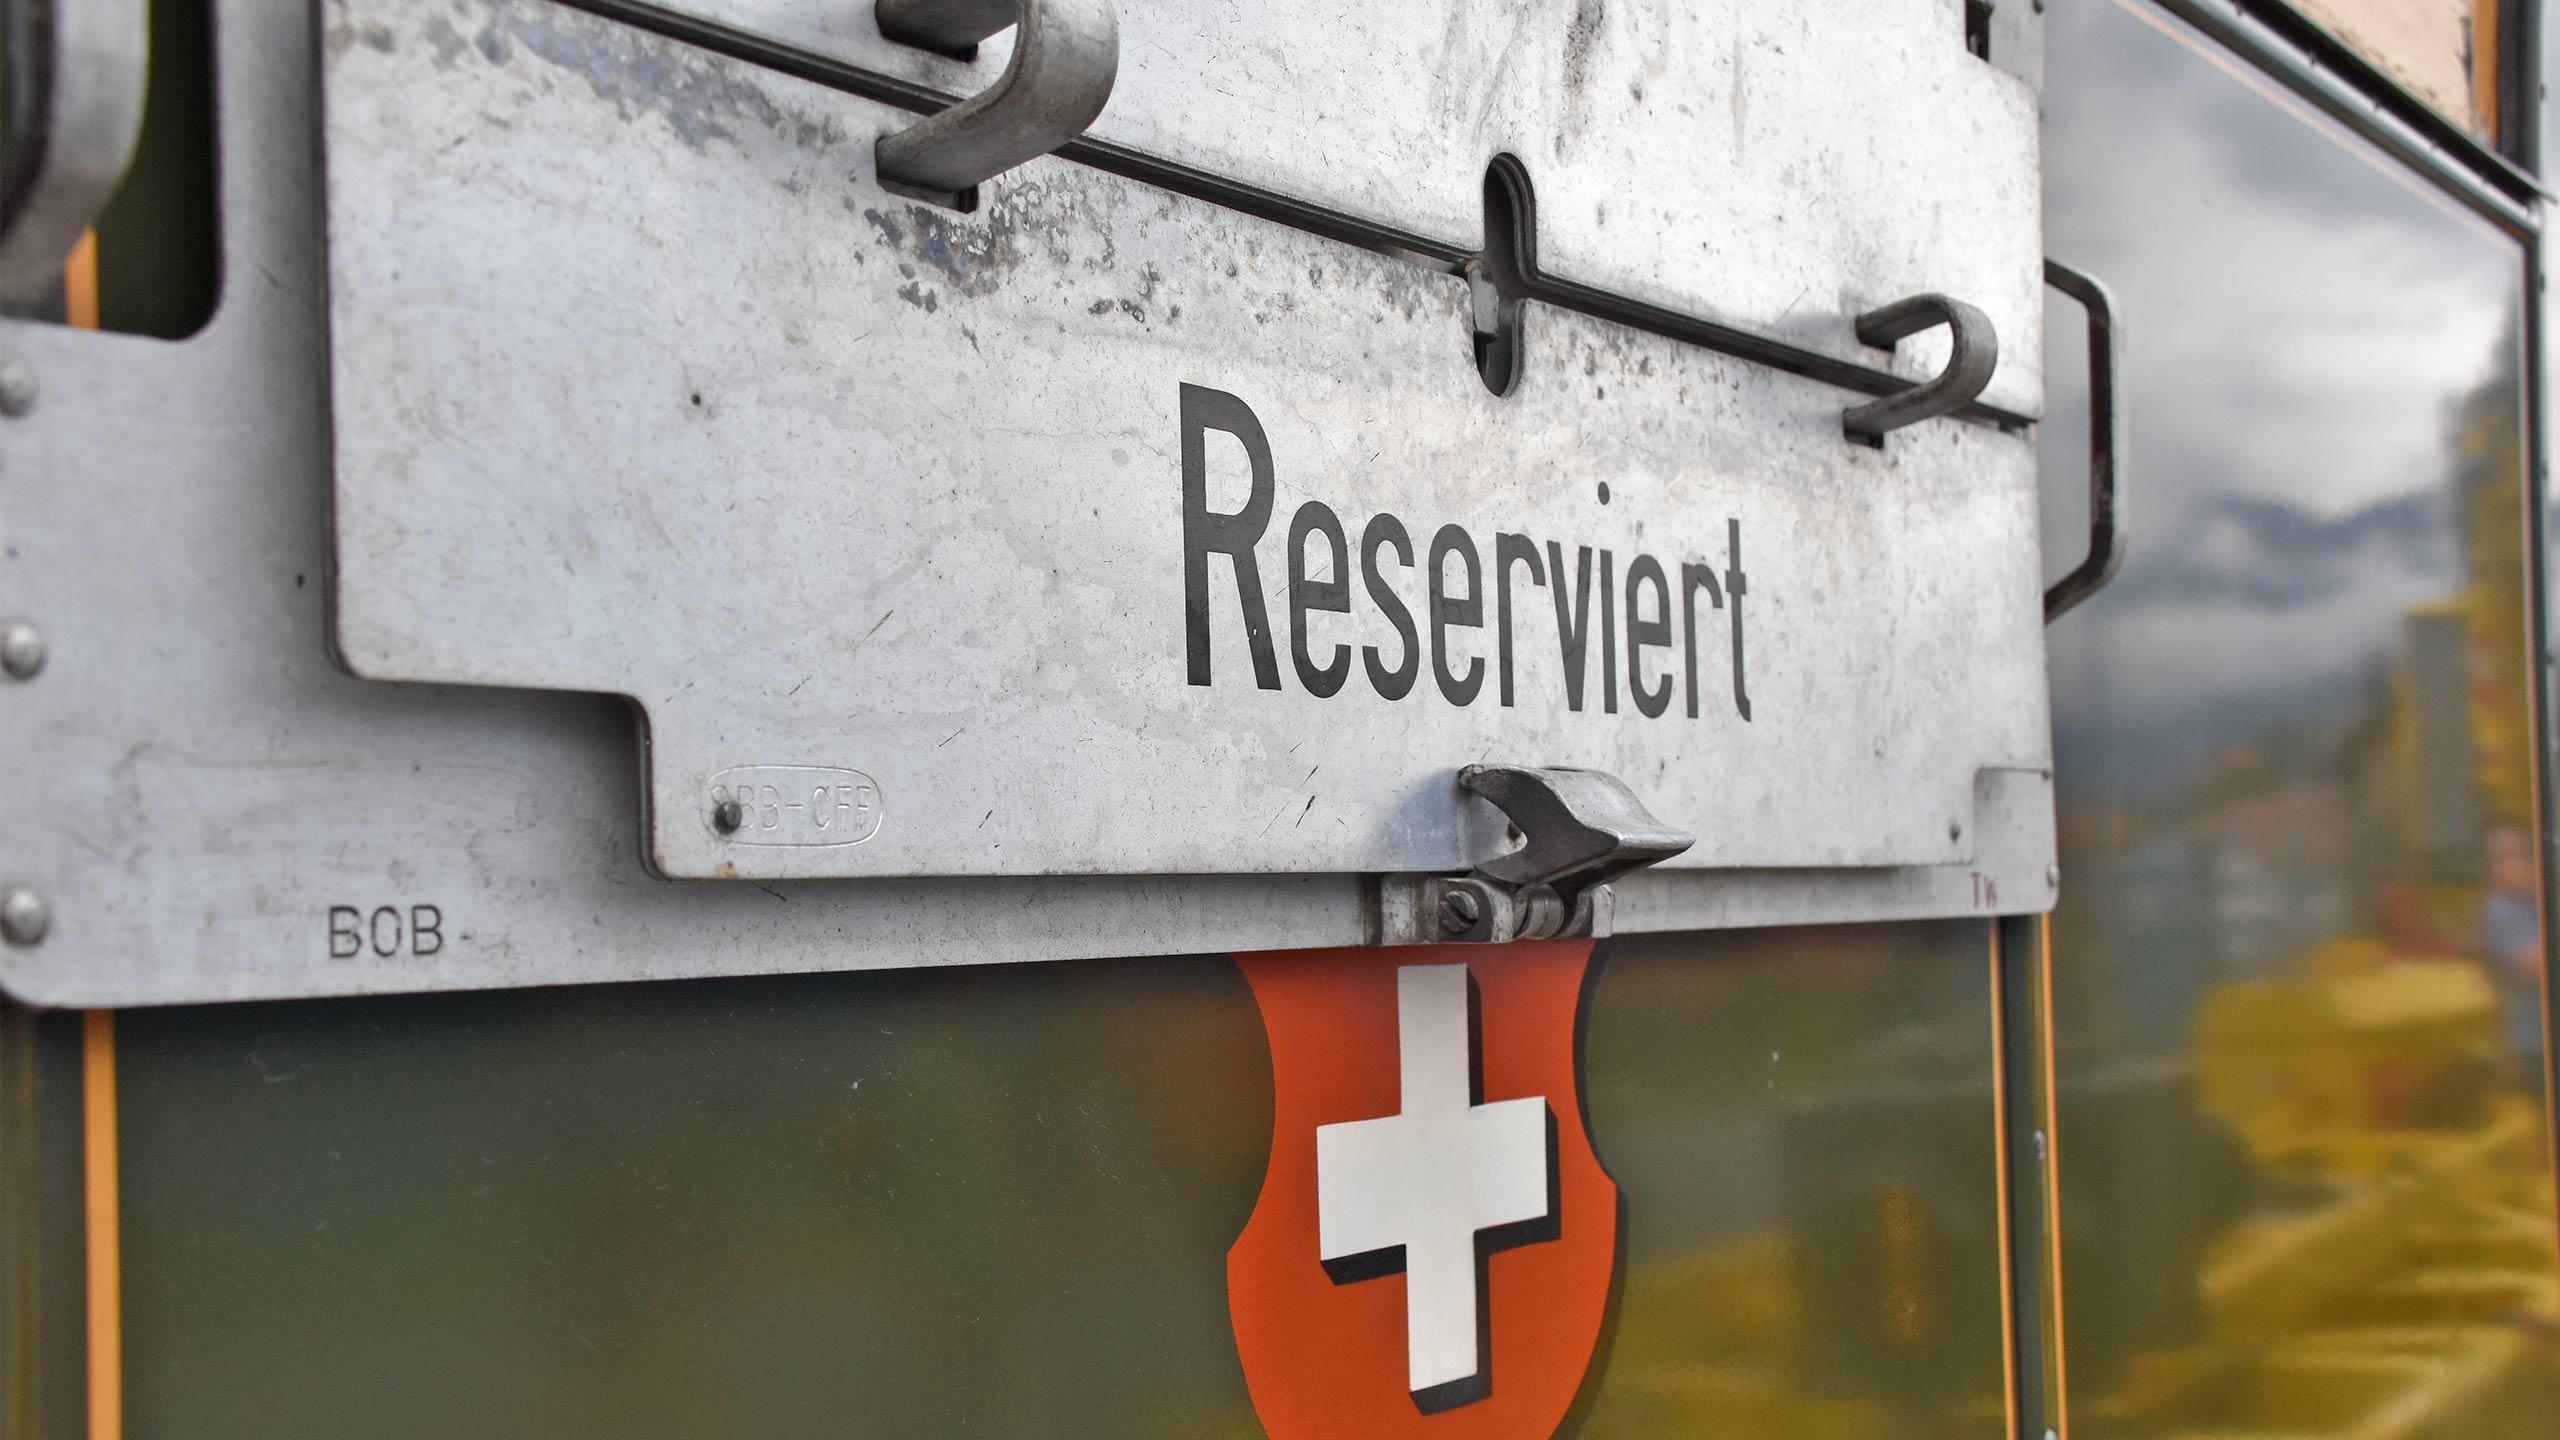 ballenberg-dampfbahn-nostalgie-schild-reserviert.jpg